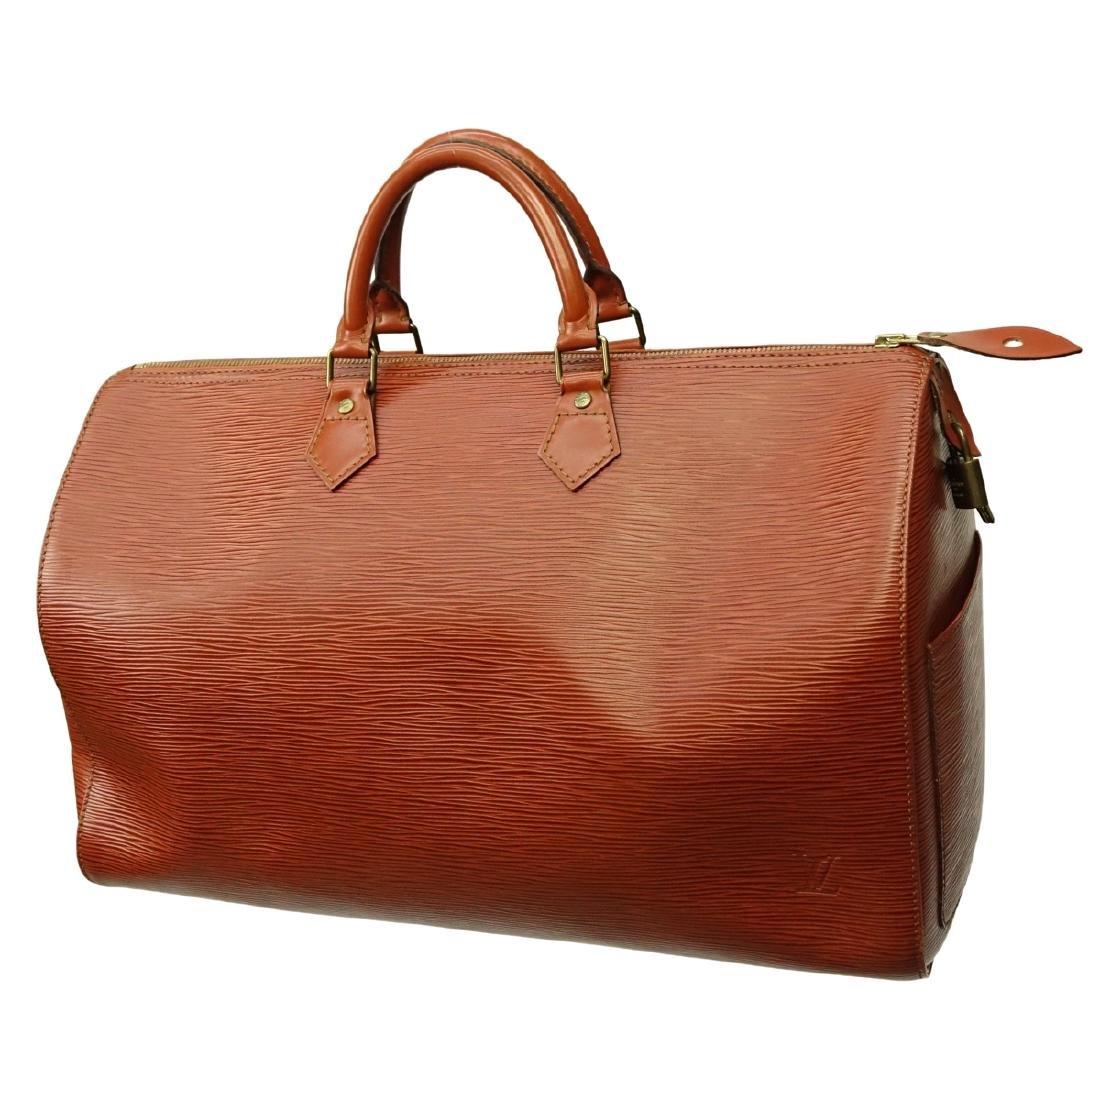 Louis Vuitton Tan Epi Leather Speedy 40 Bag